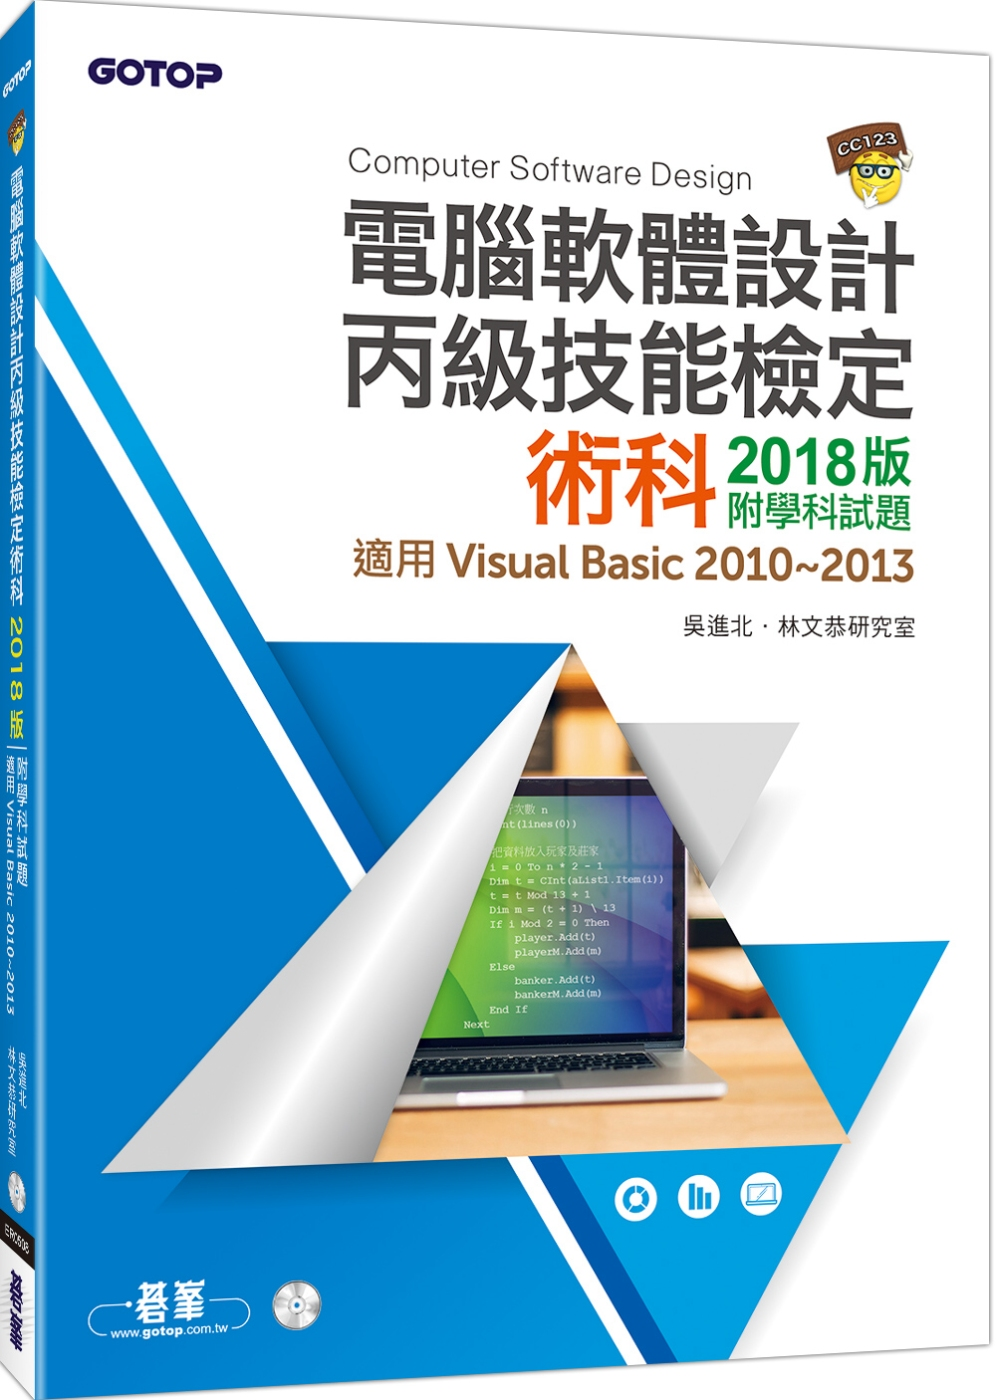 電腦軟體設計丙級技能檢定術科2018版【附學科試題(適用v.b.2010~2013)】